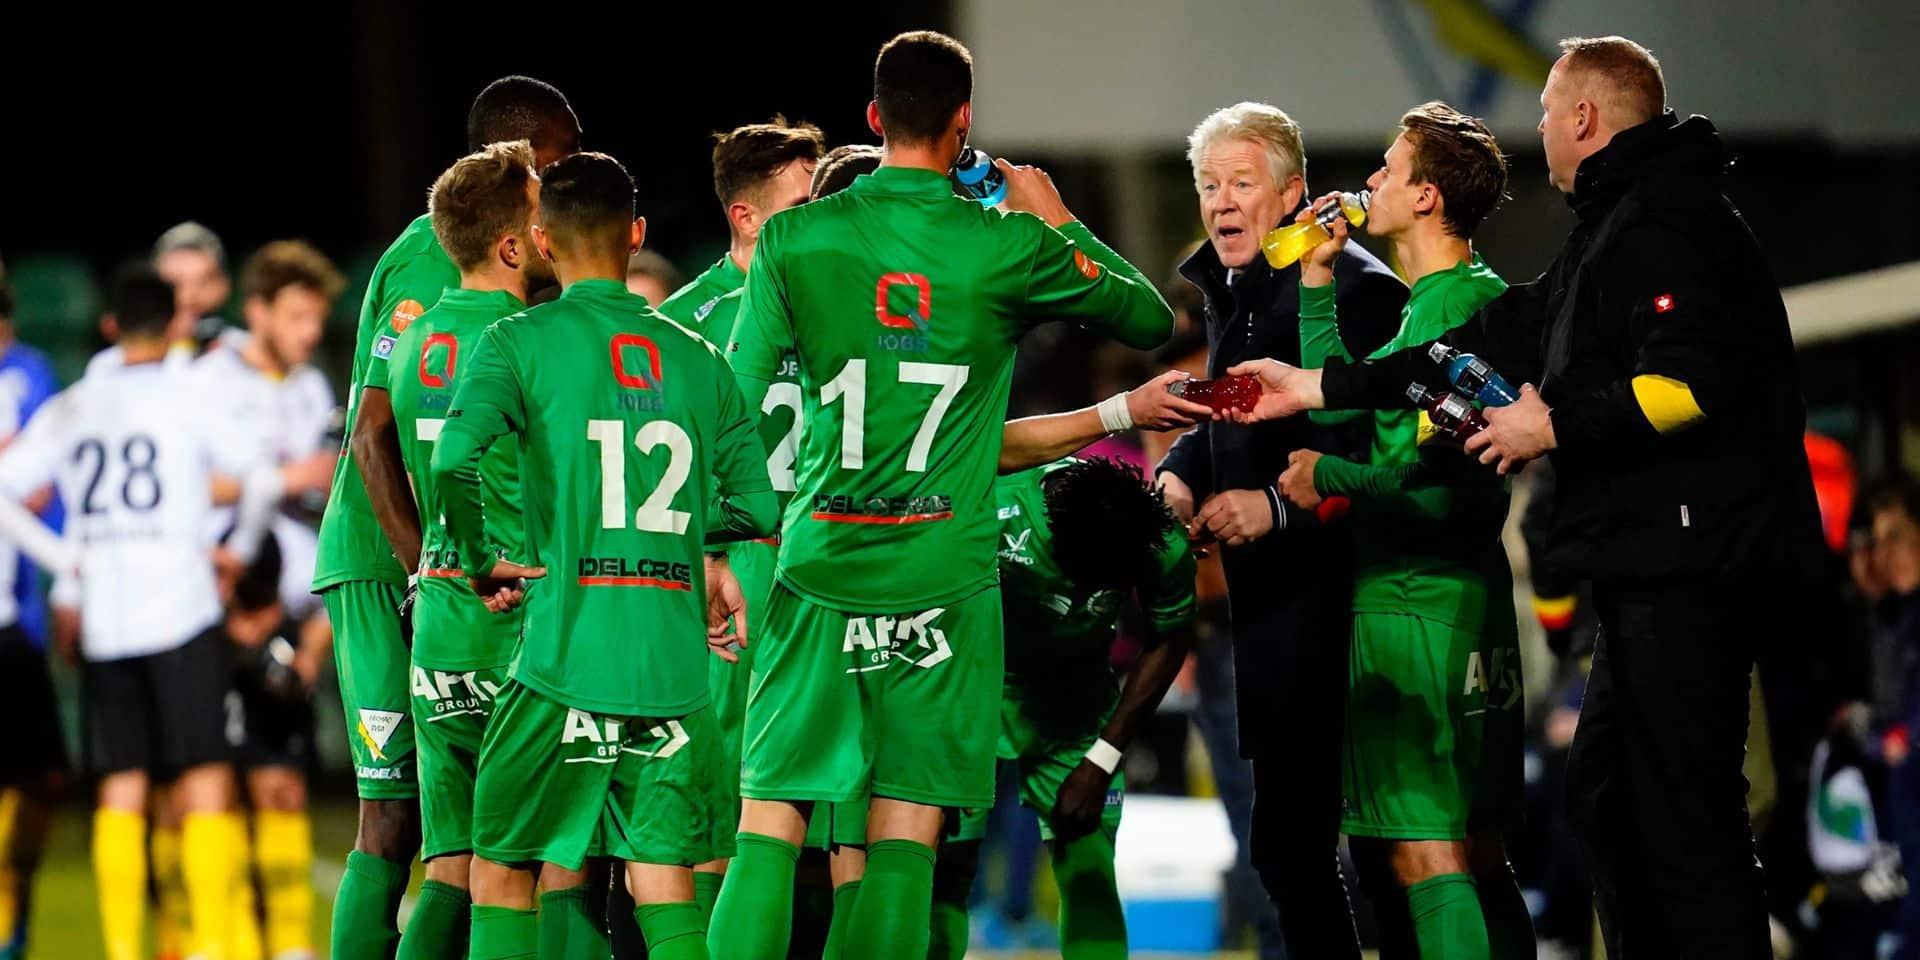 Lommel (1-0 contre Lokeren) prend la tête de la seconde phase